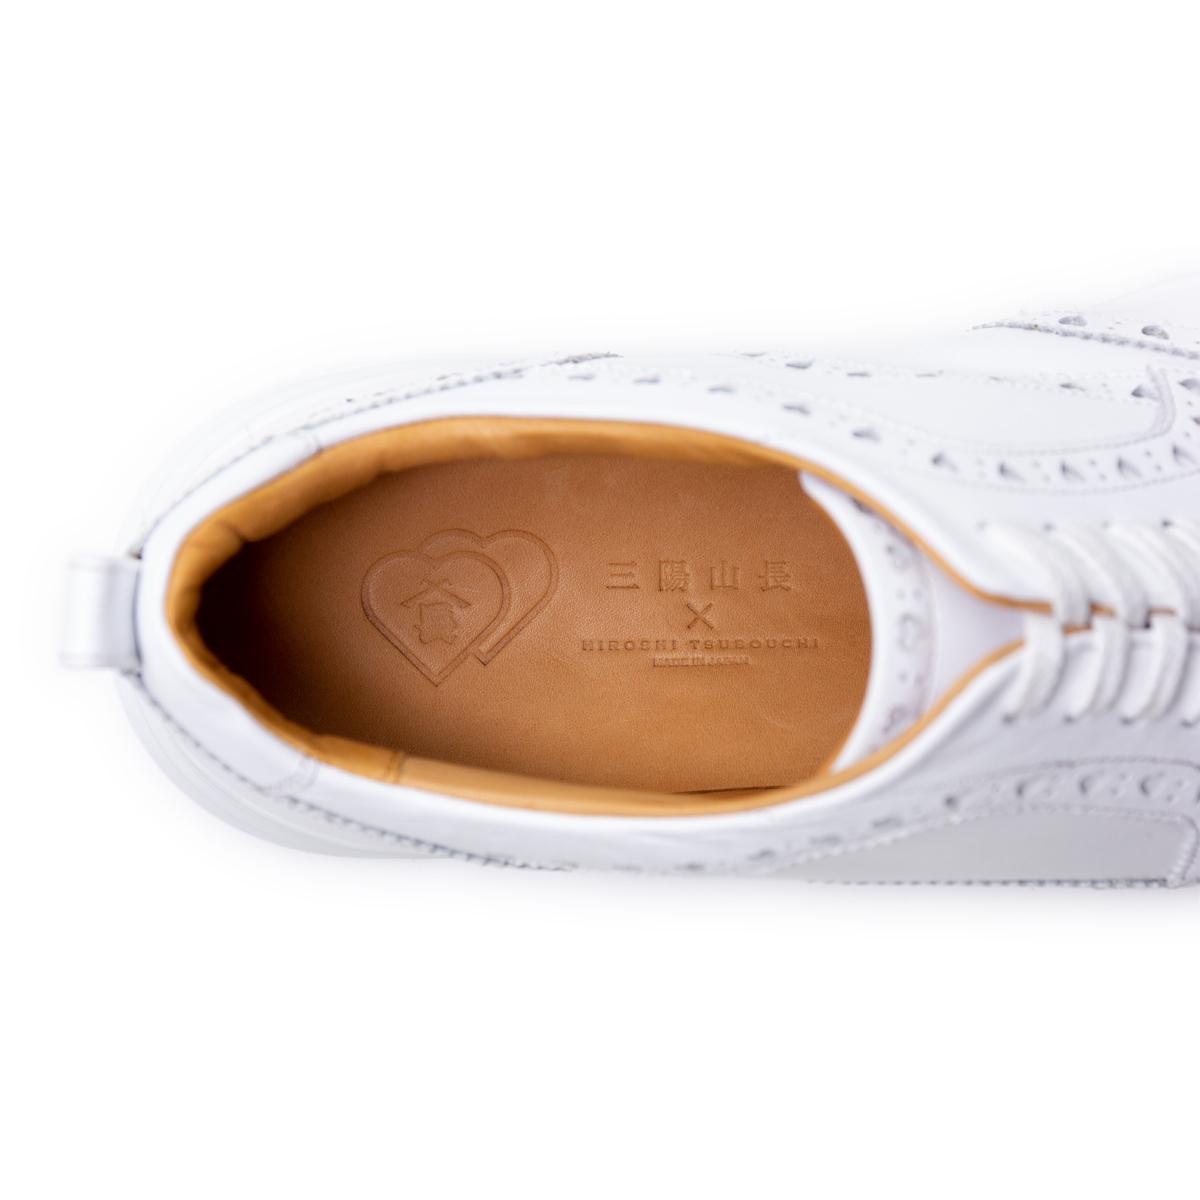 自由な発想を「紳士靴」にも! 三陽山長の新作ドレススニーカー今春発売